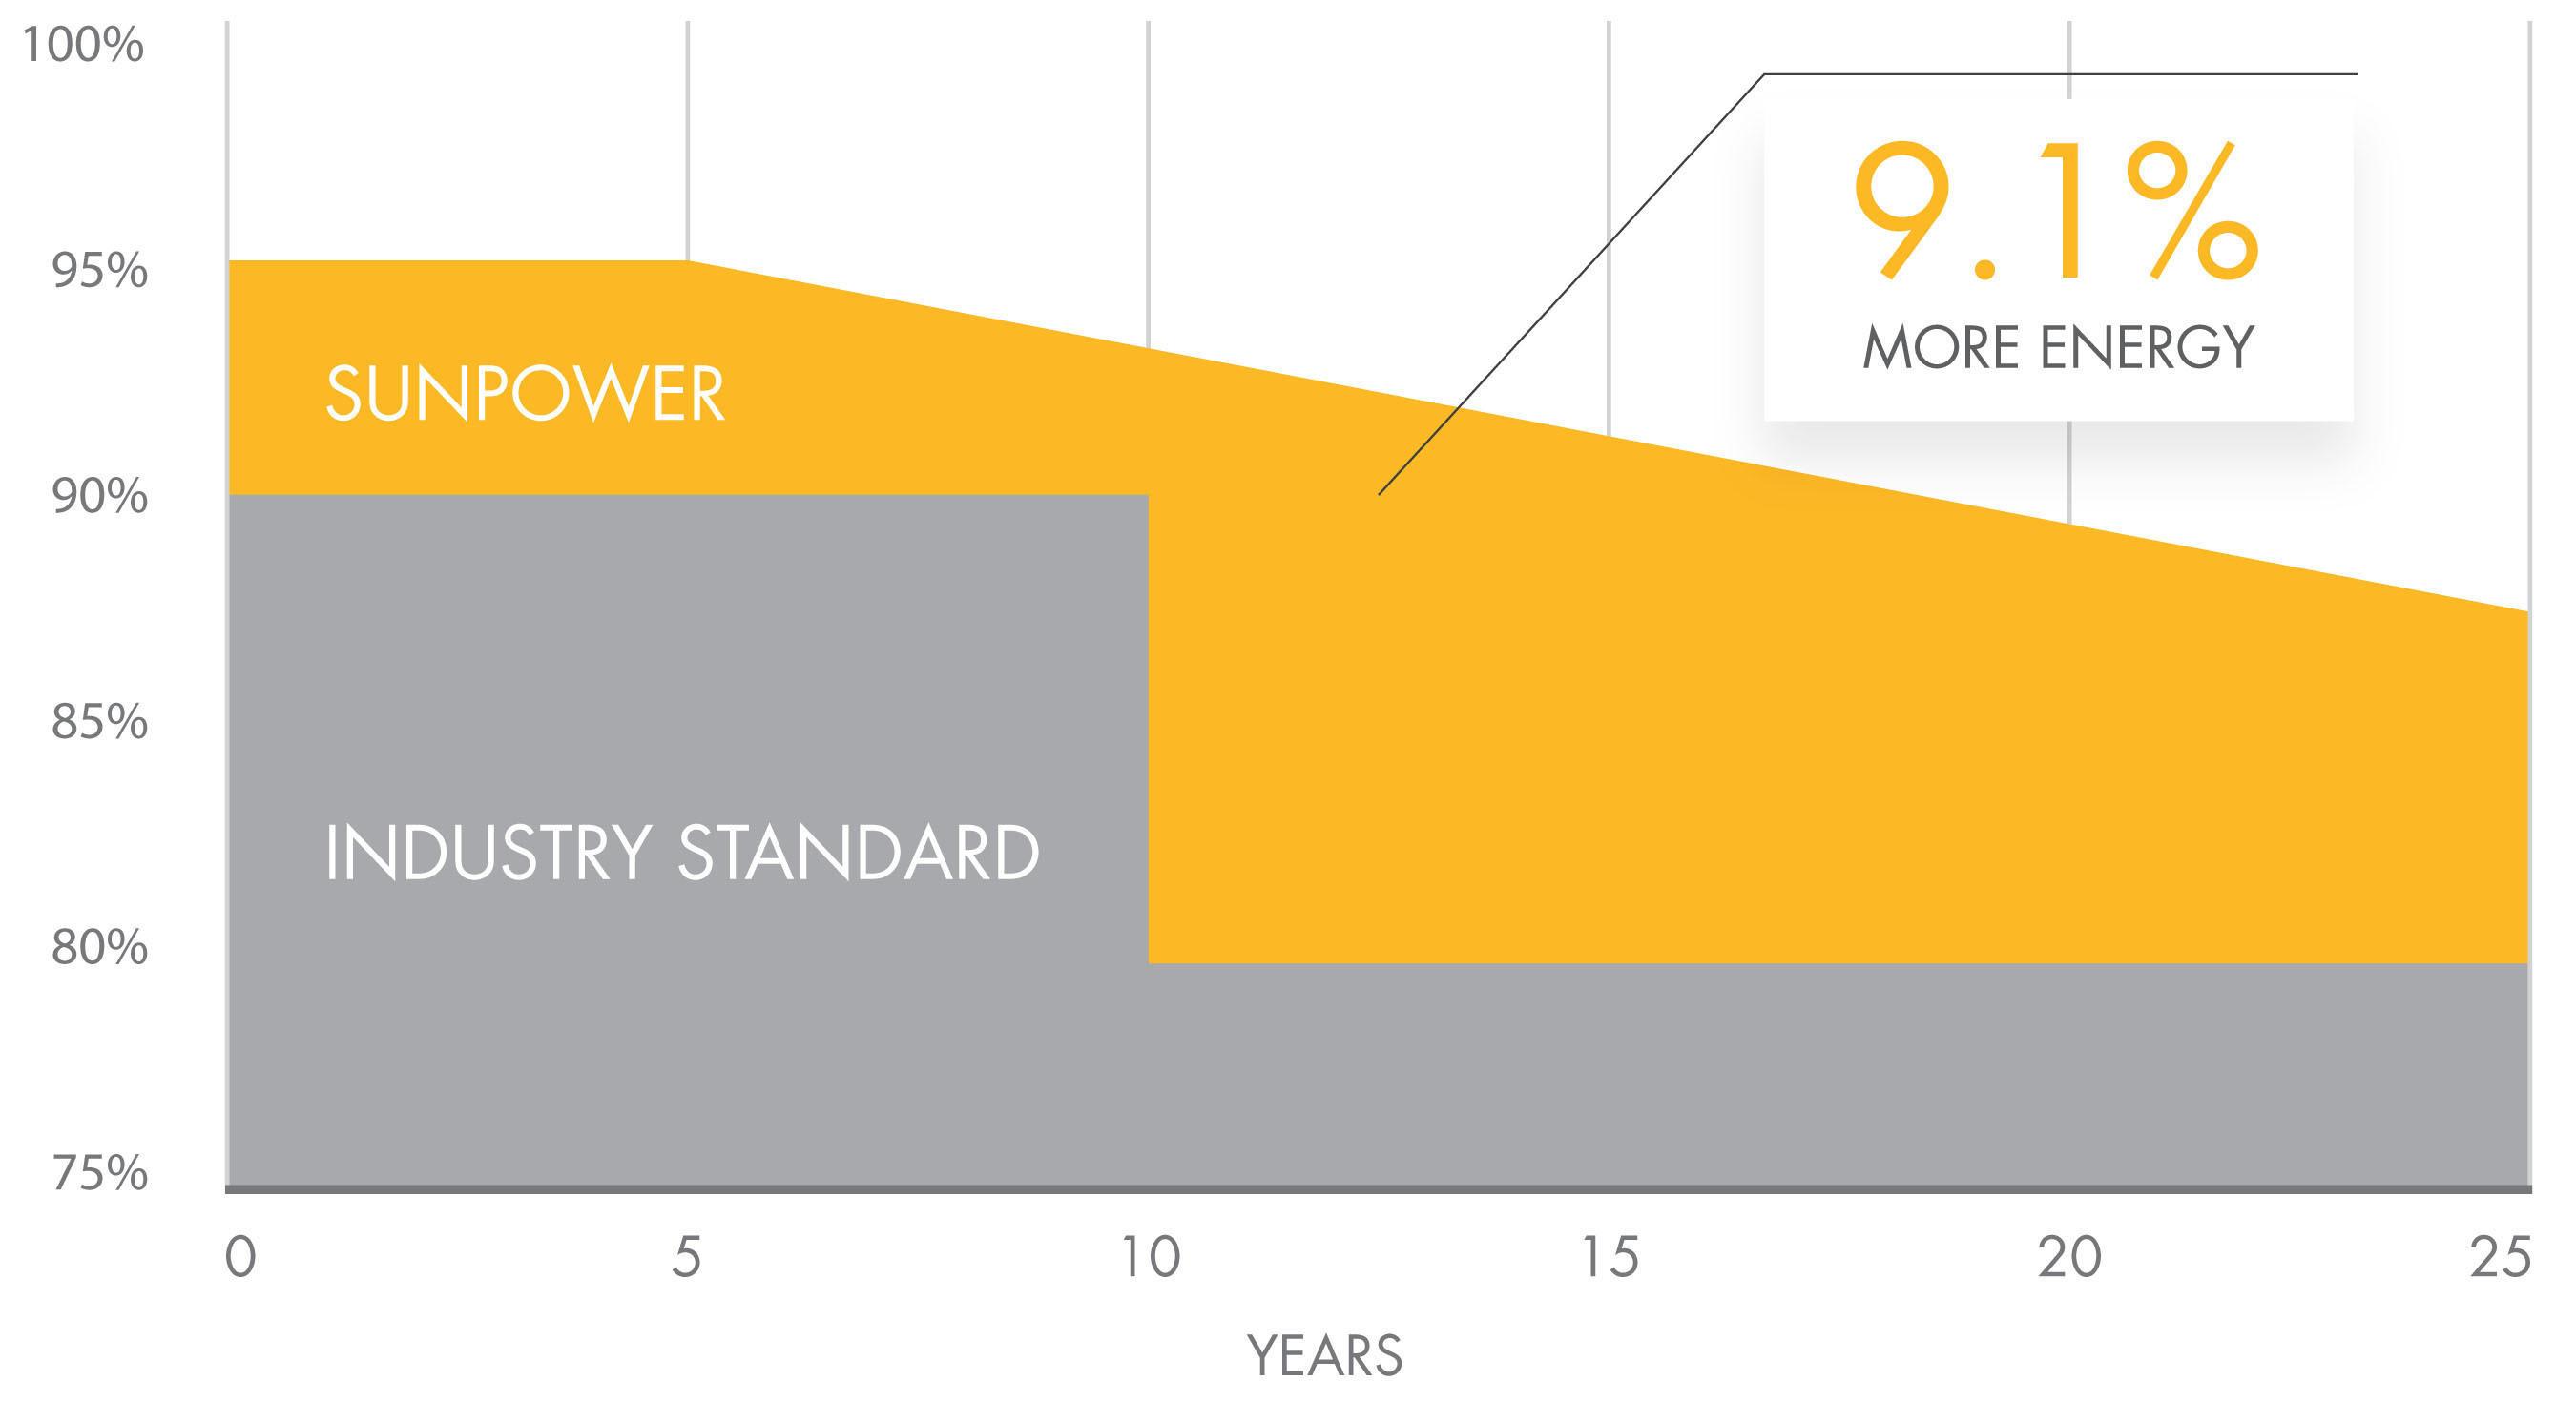 SunPower Annuncia la Prima Garanzia Combinata su Prodotto e Potenza a 25 Anni del Settore